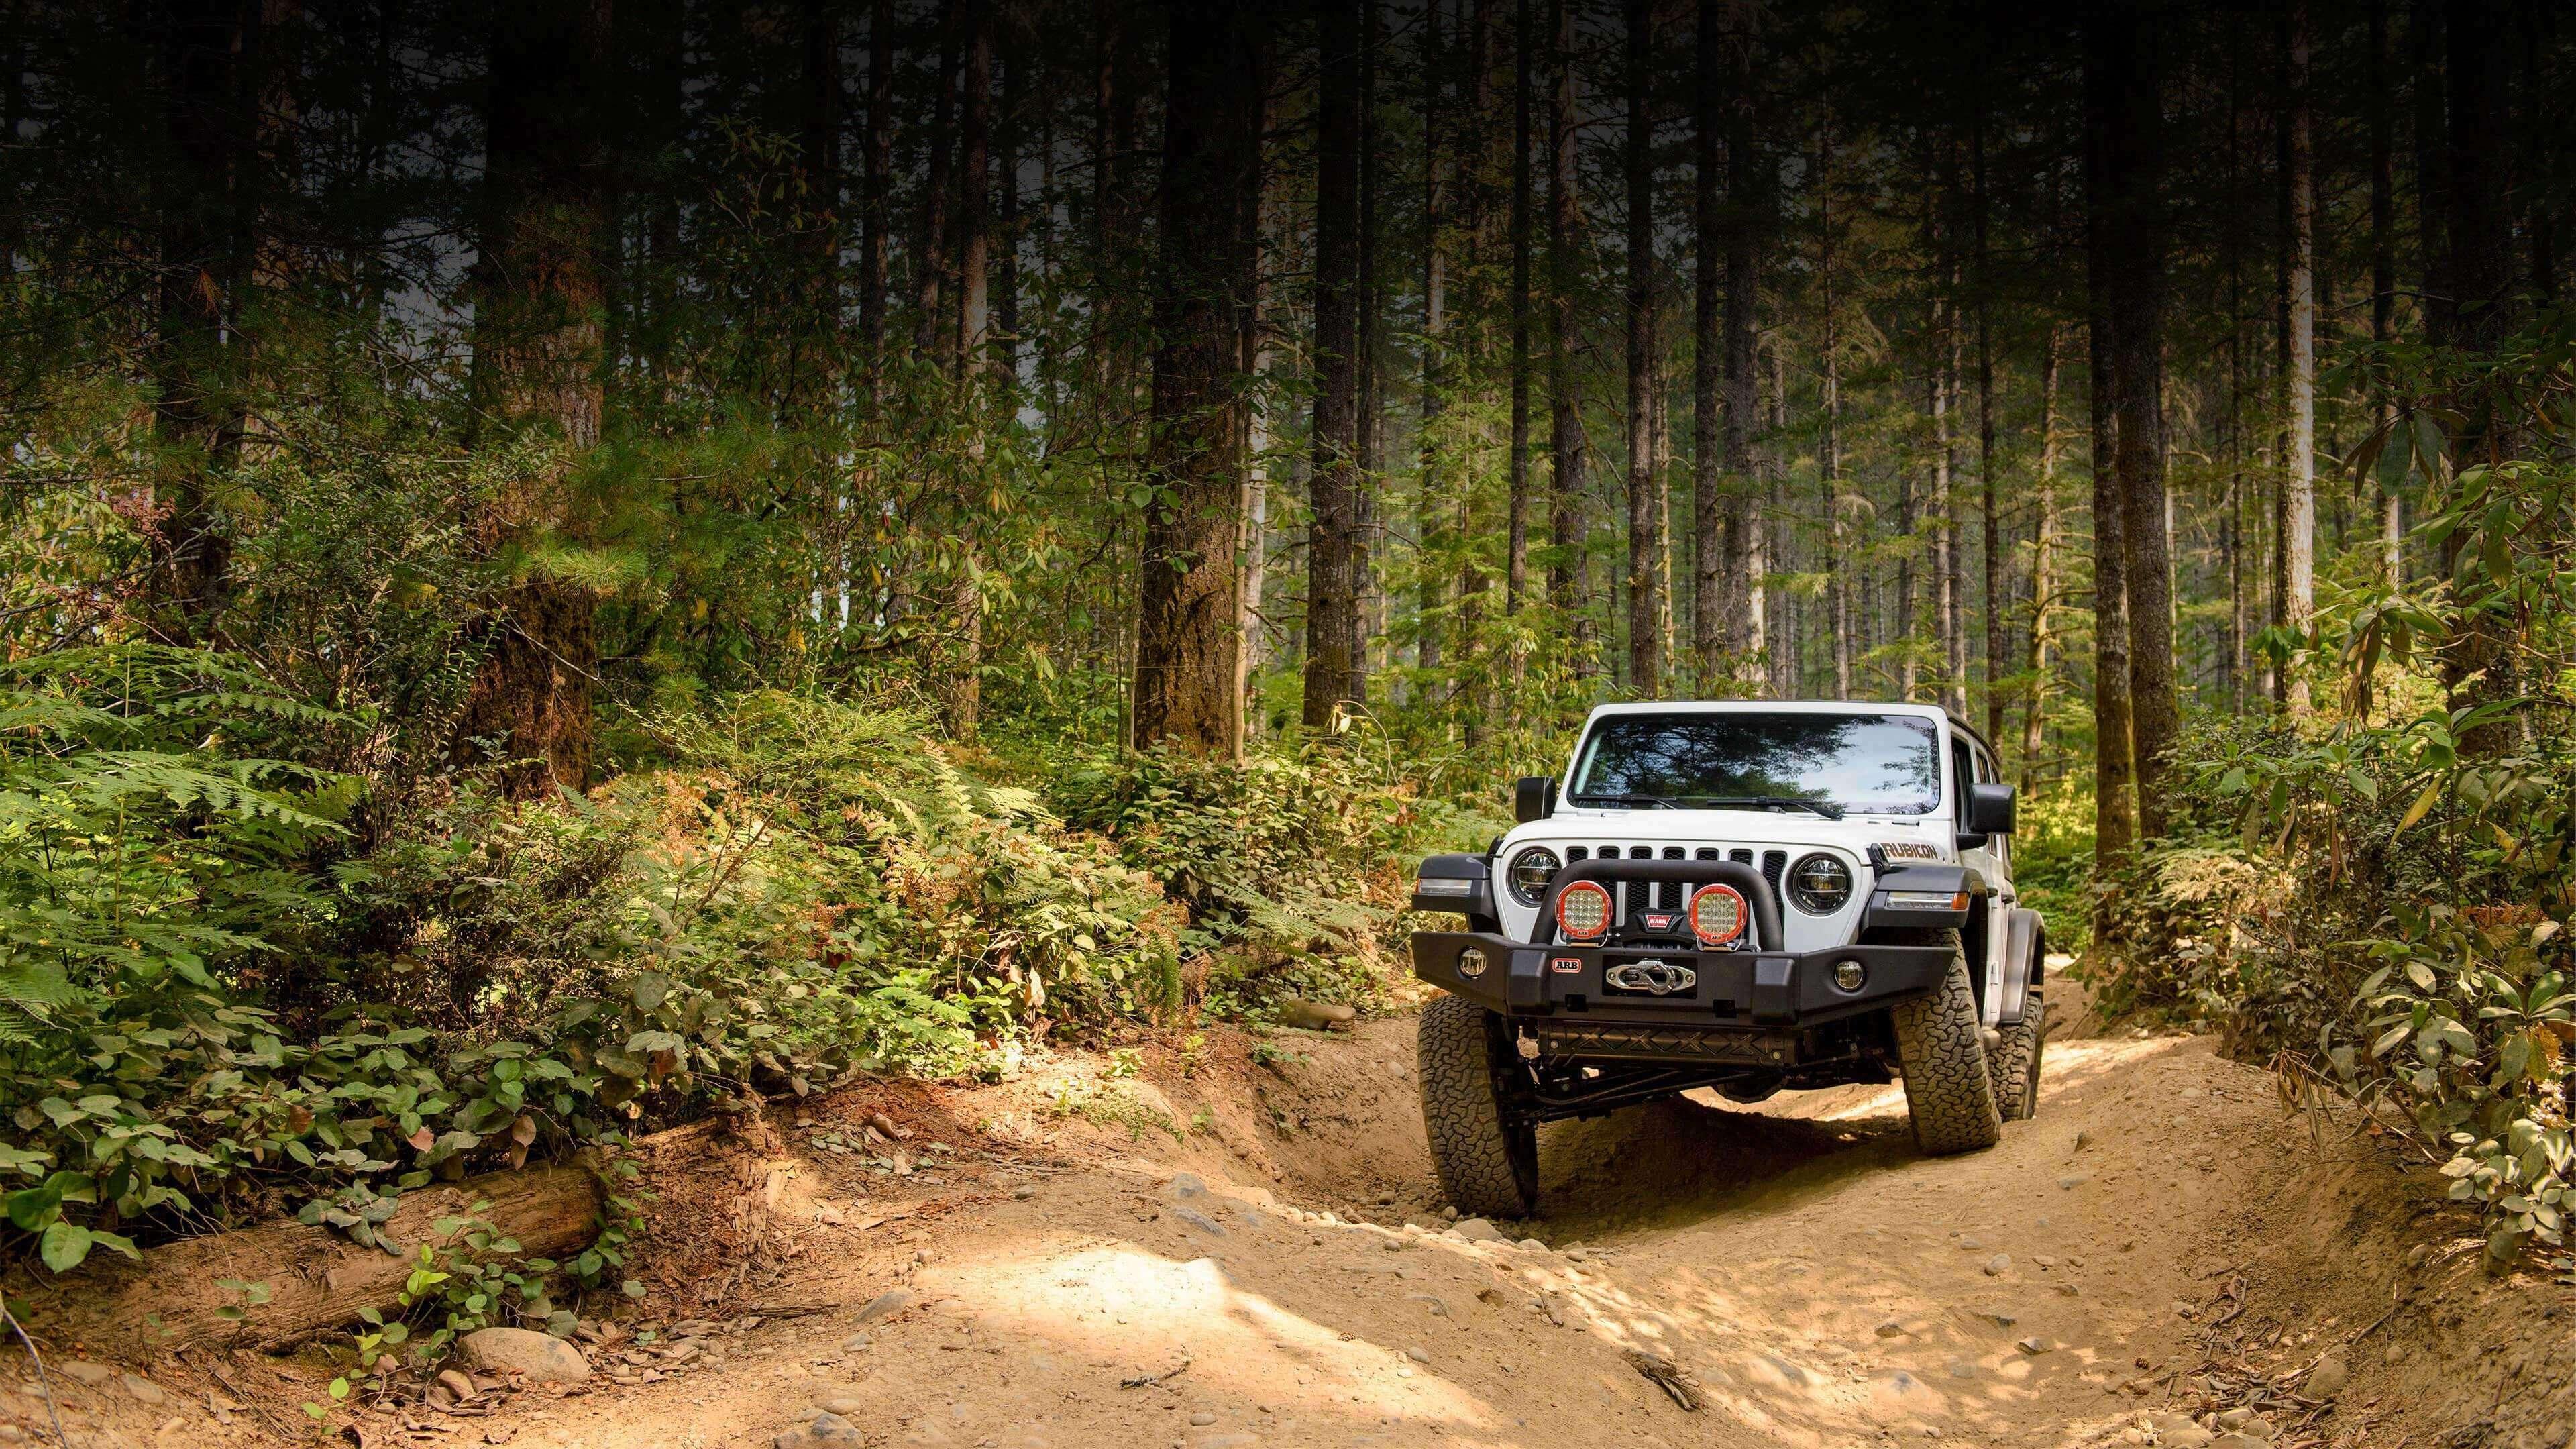 Arb Usa Premium 44 Accessories Off Road Toyota Sequoia White